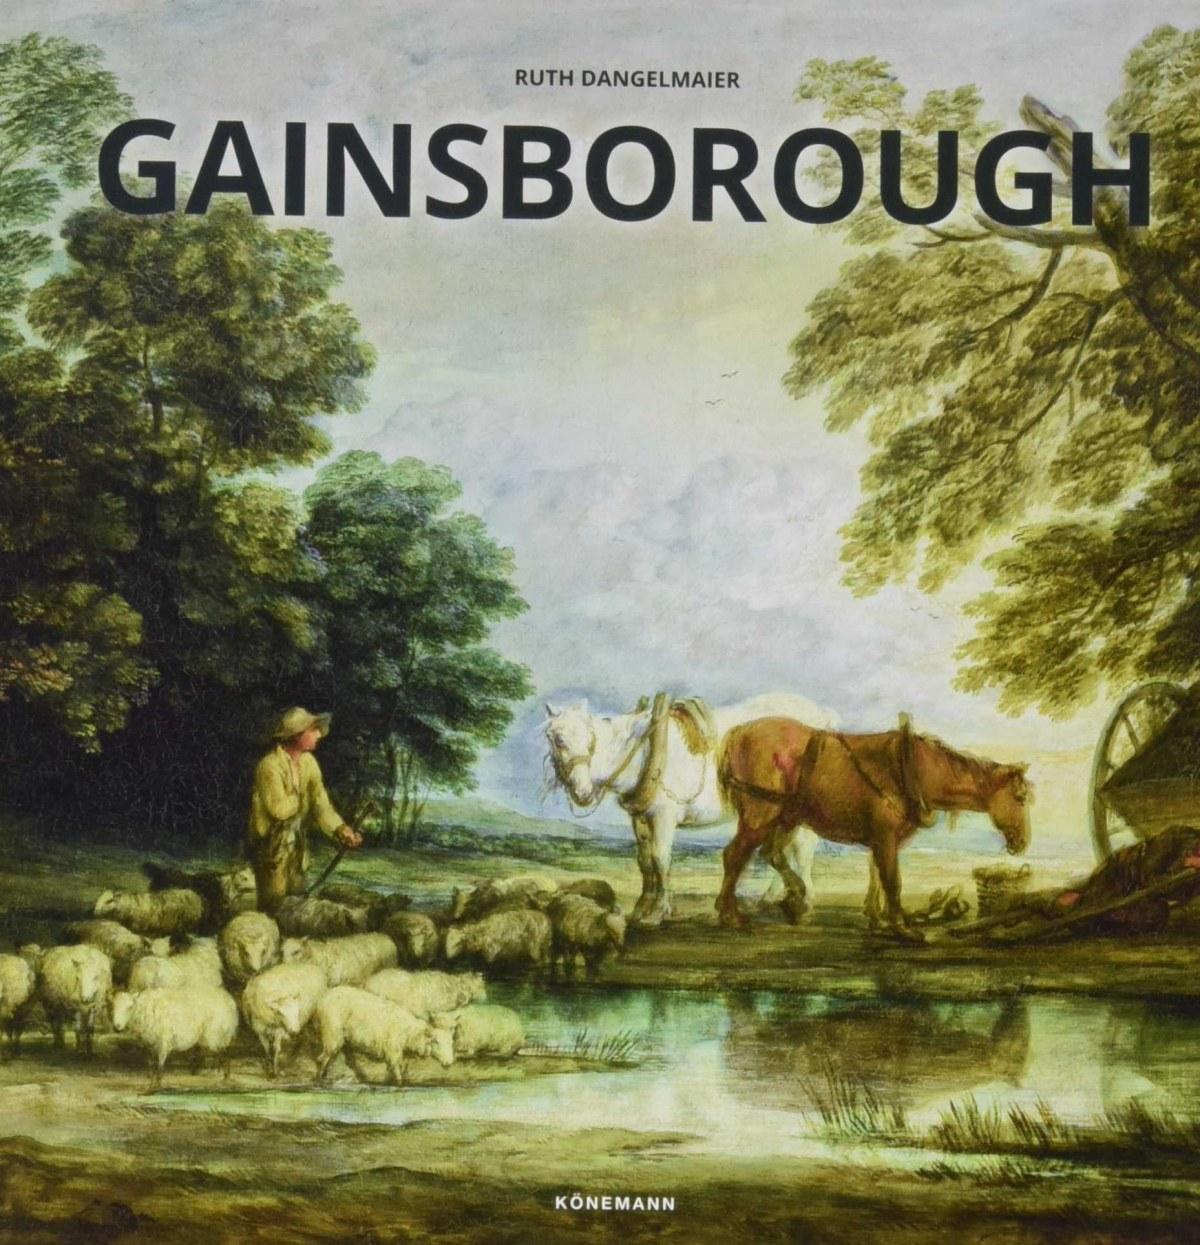 GAINSBOROUGH 9783955881009